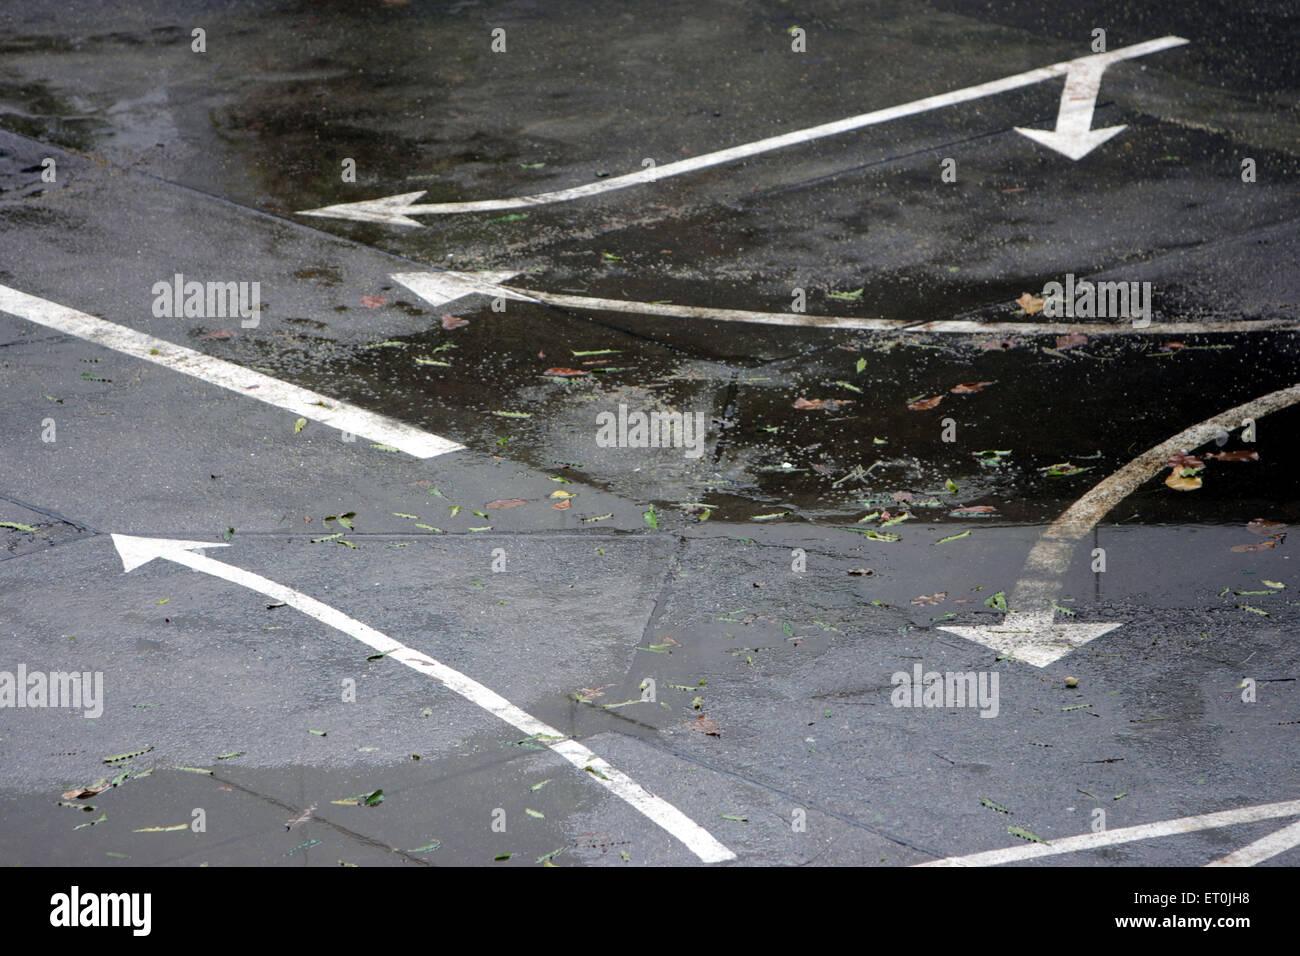 Different arrow indicators on the road in Bandra ; Bombay Mumbai ; Maharashtra ; India - Stock Image